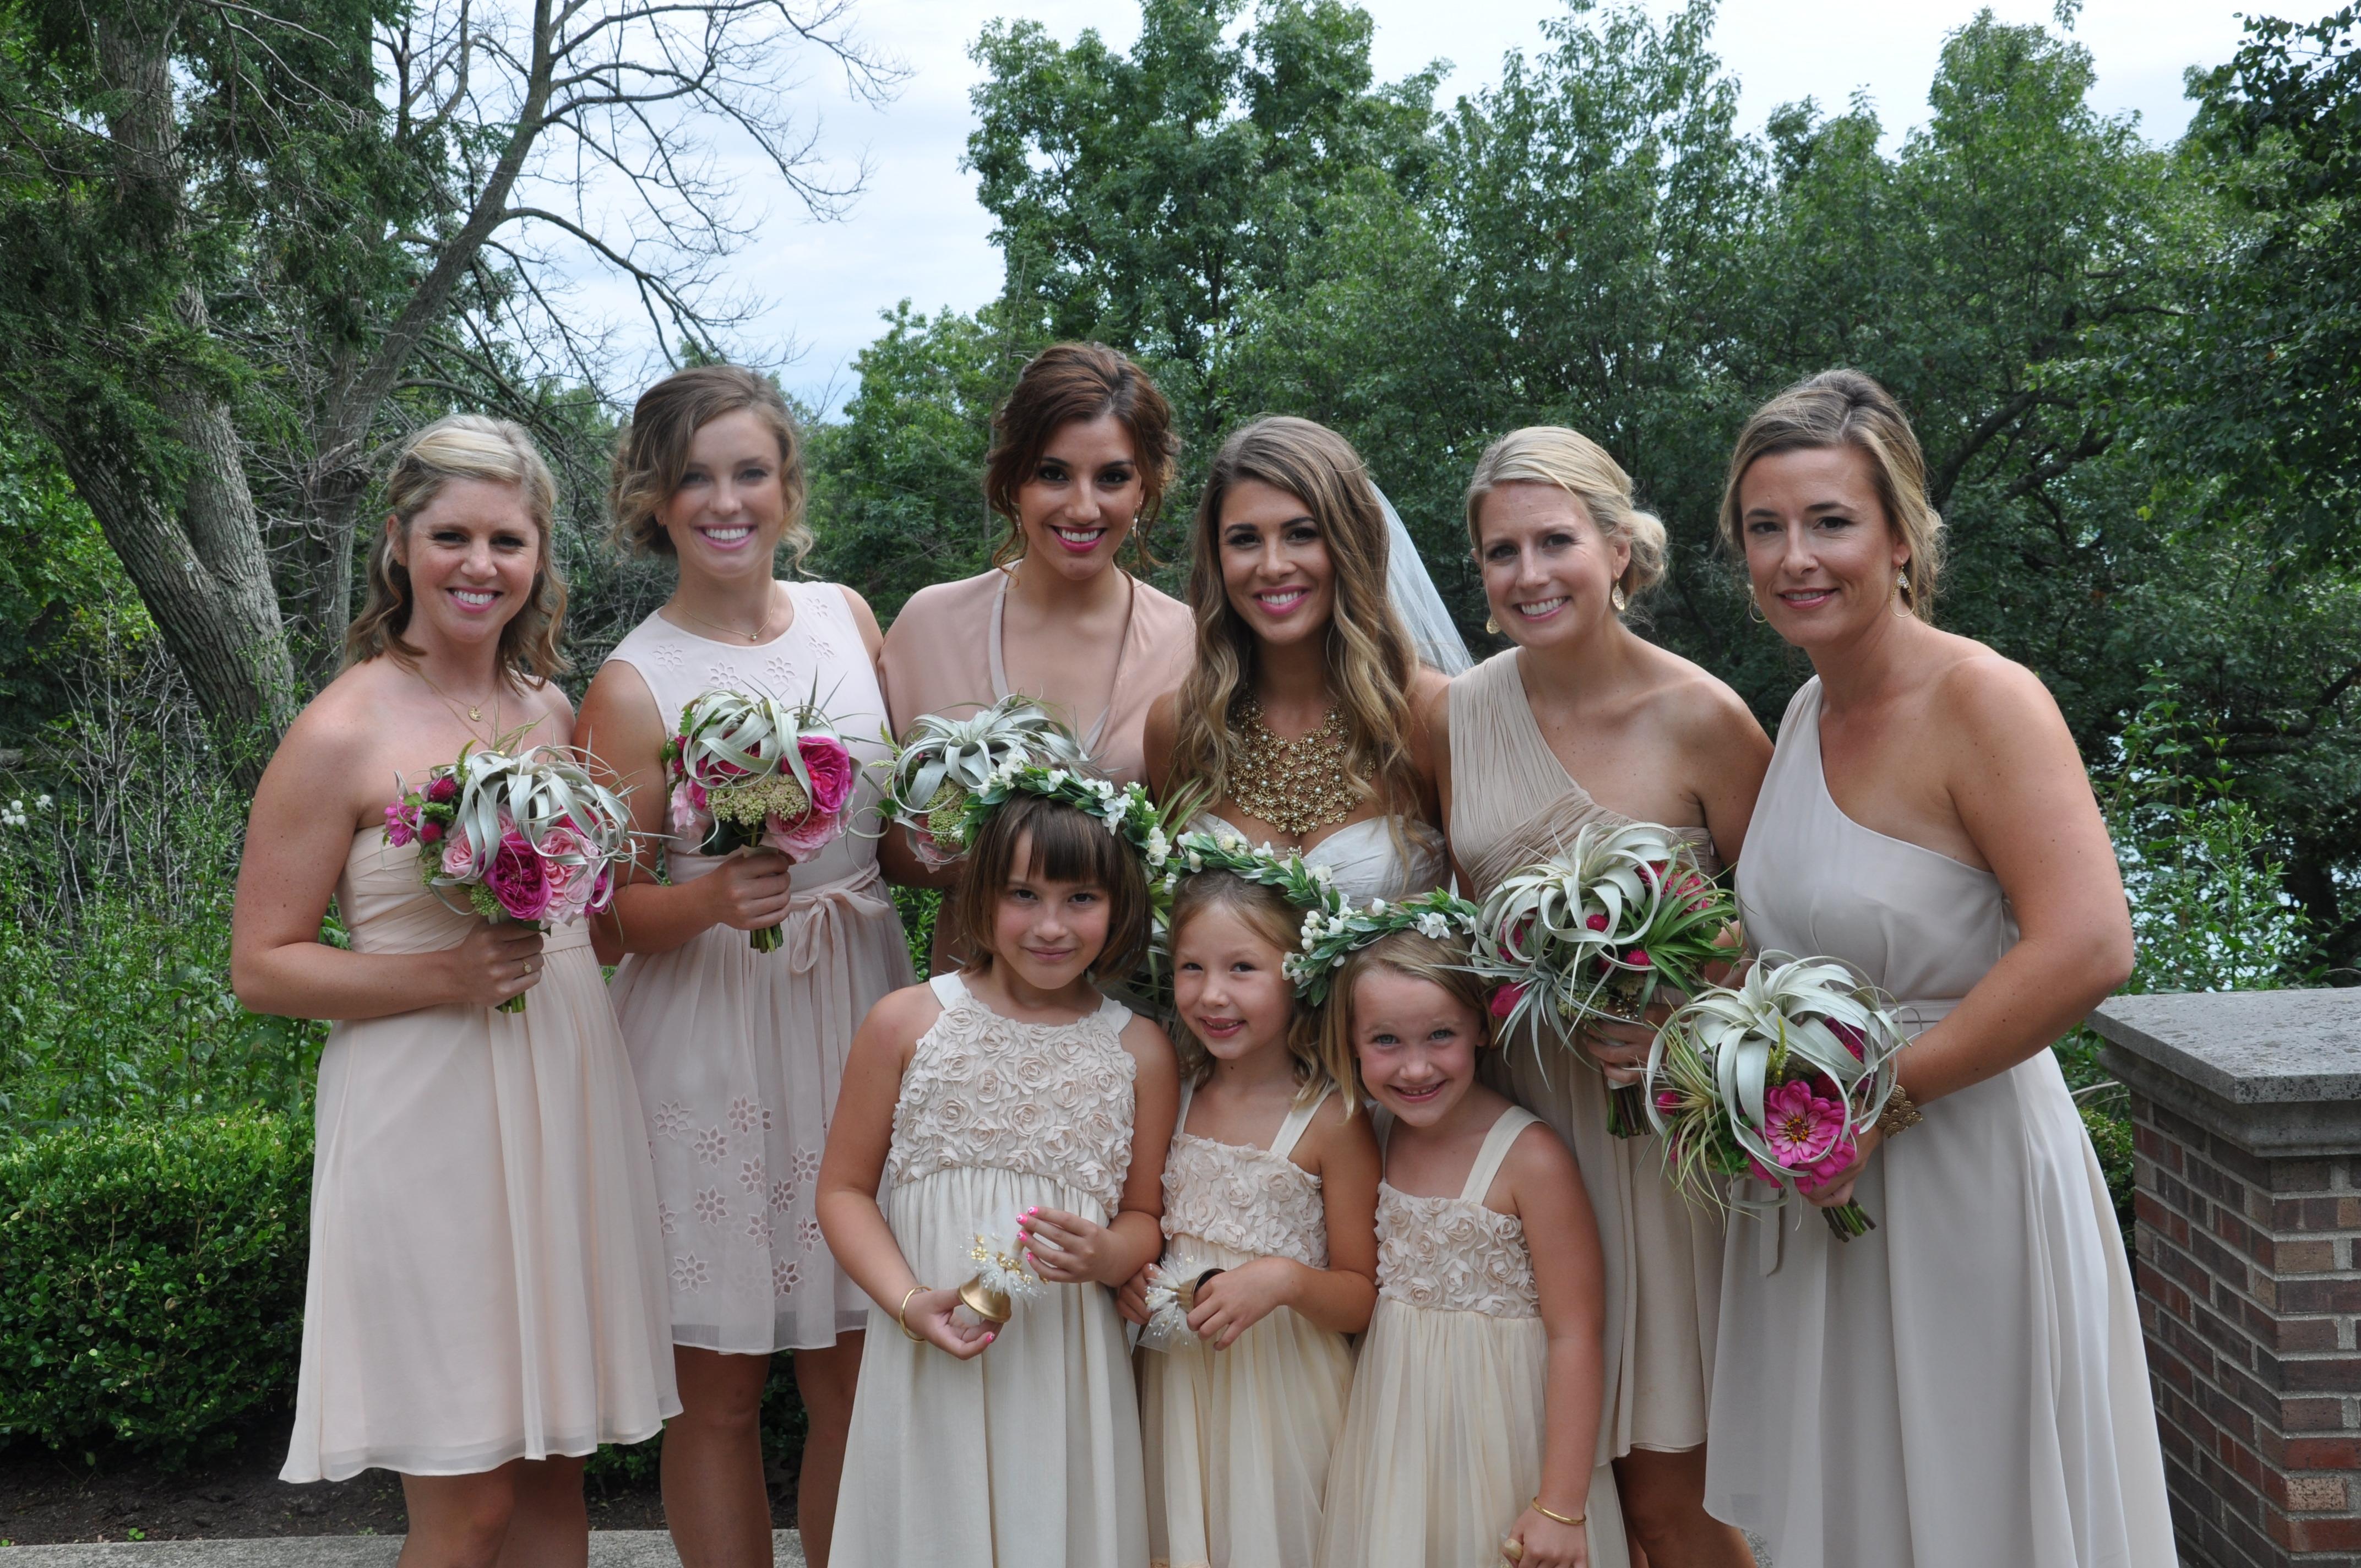 Bridesmaids in reflection pool garden